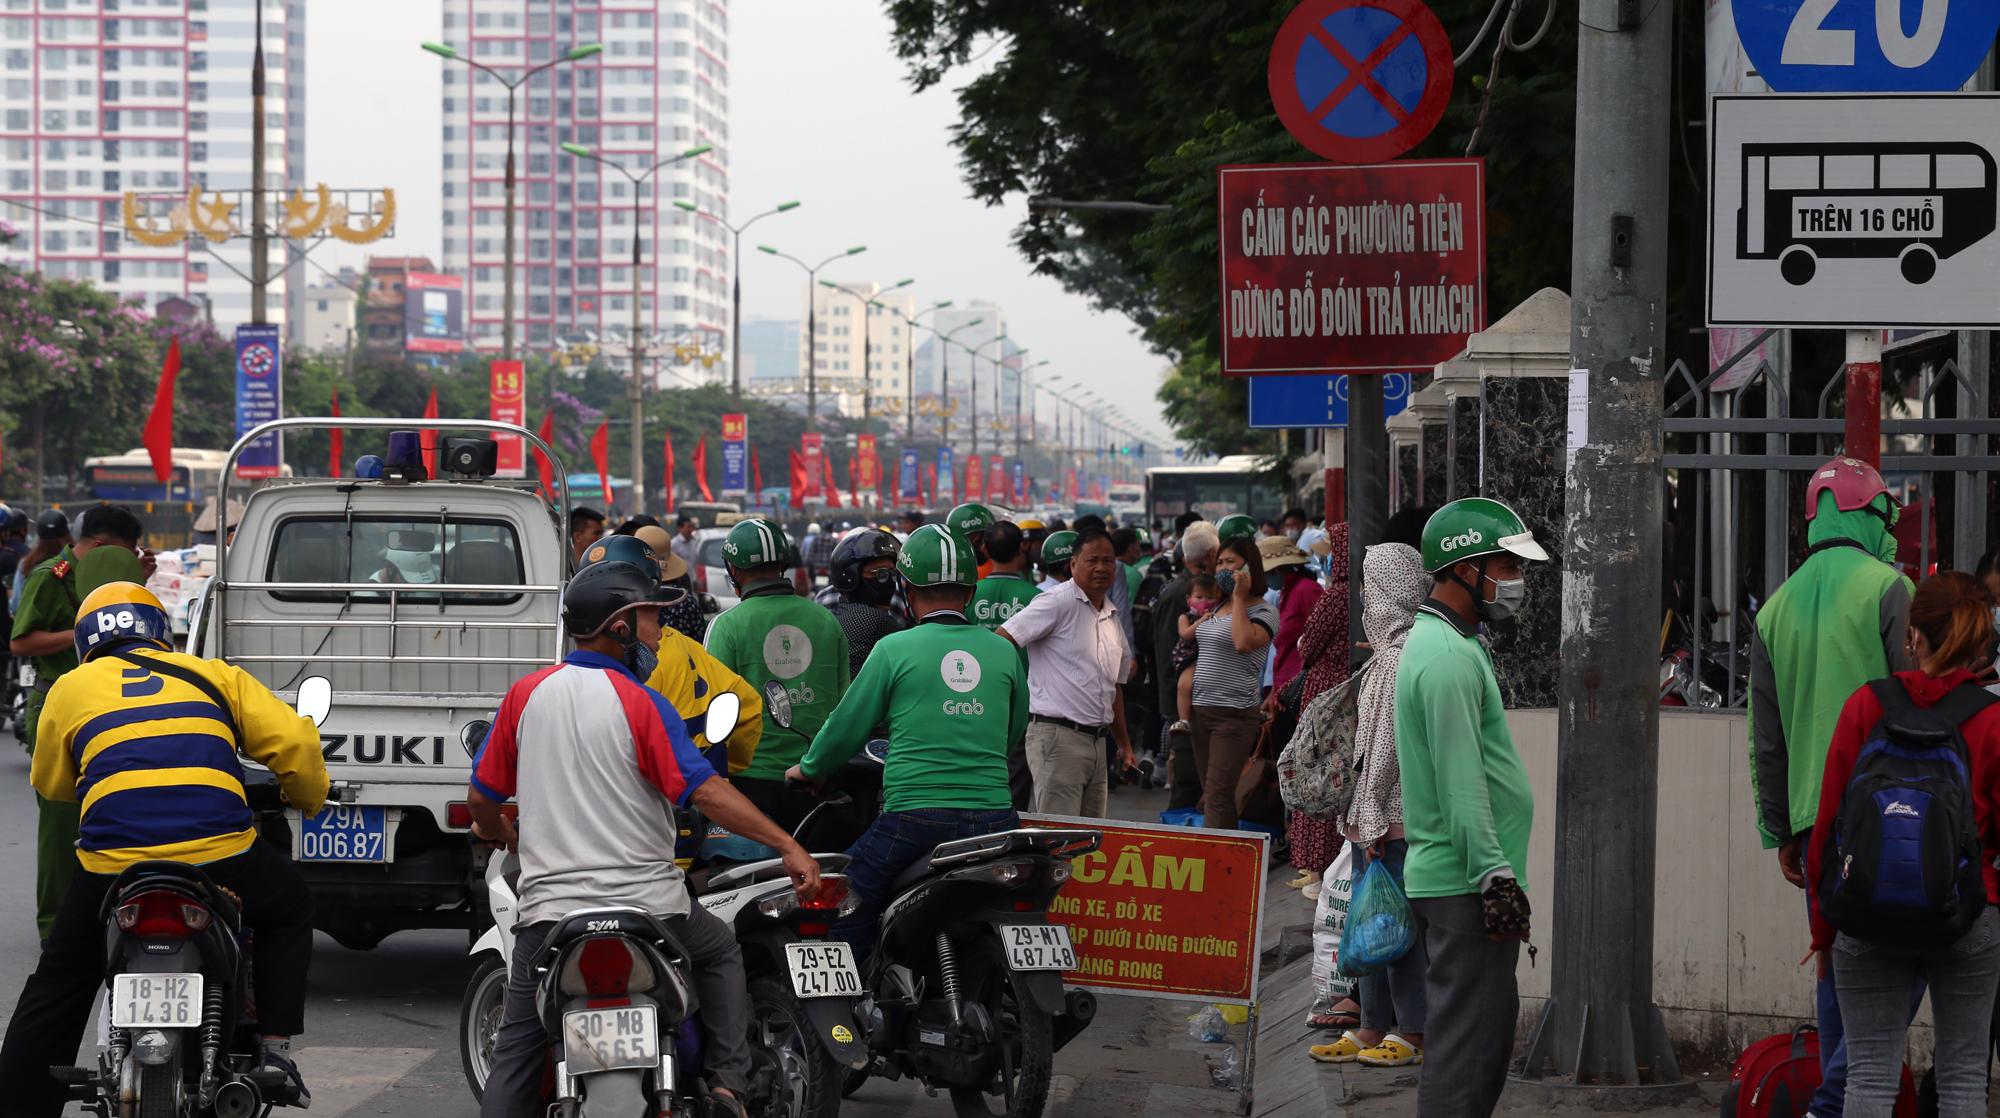 Vận tải khách trở lại bình thường, bến xe ở Hà Nội vẫn vắng vẻ - Ảnh 20.